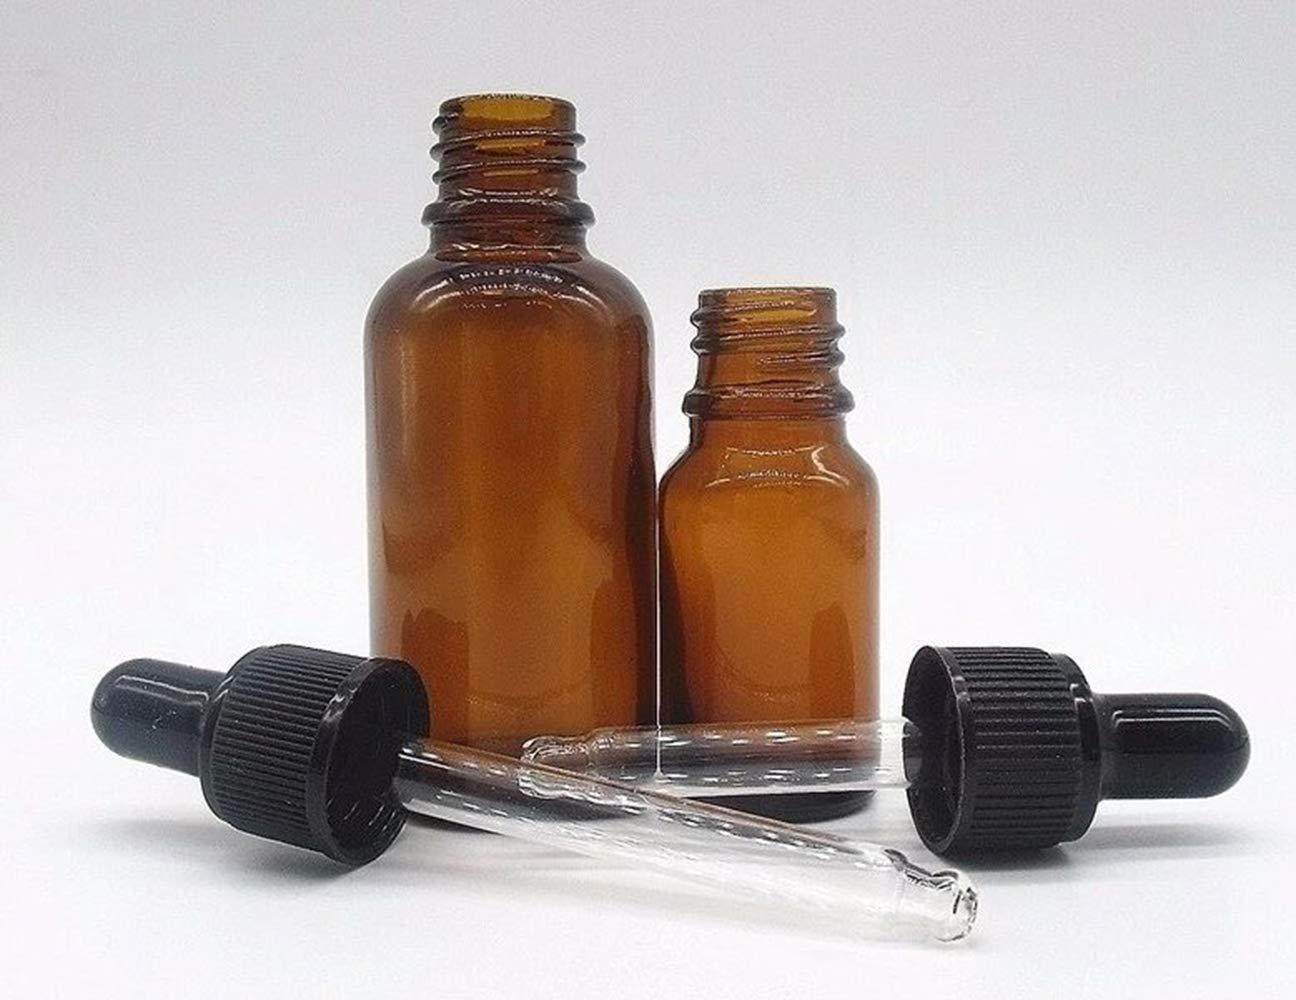 BlueXP4 Pieza Ámbar Botellas 10ml 20ml Marrón Boston de Botellas de Cristal y Pipeta para Aromaterapia Aceites Esenciales y Perfume Medicina Líquidos: ...